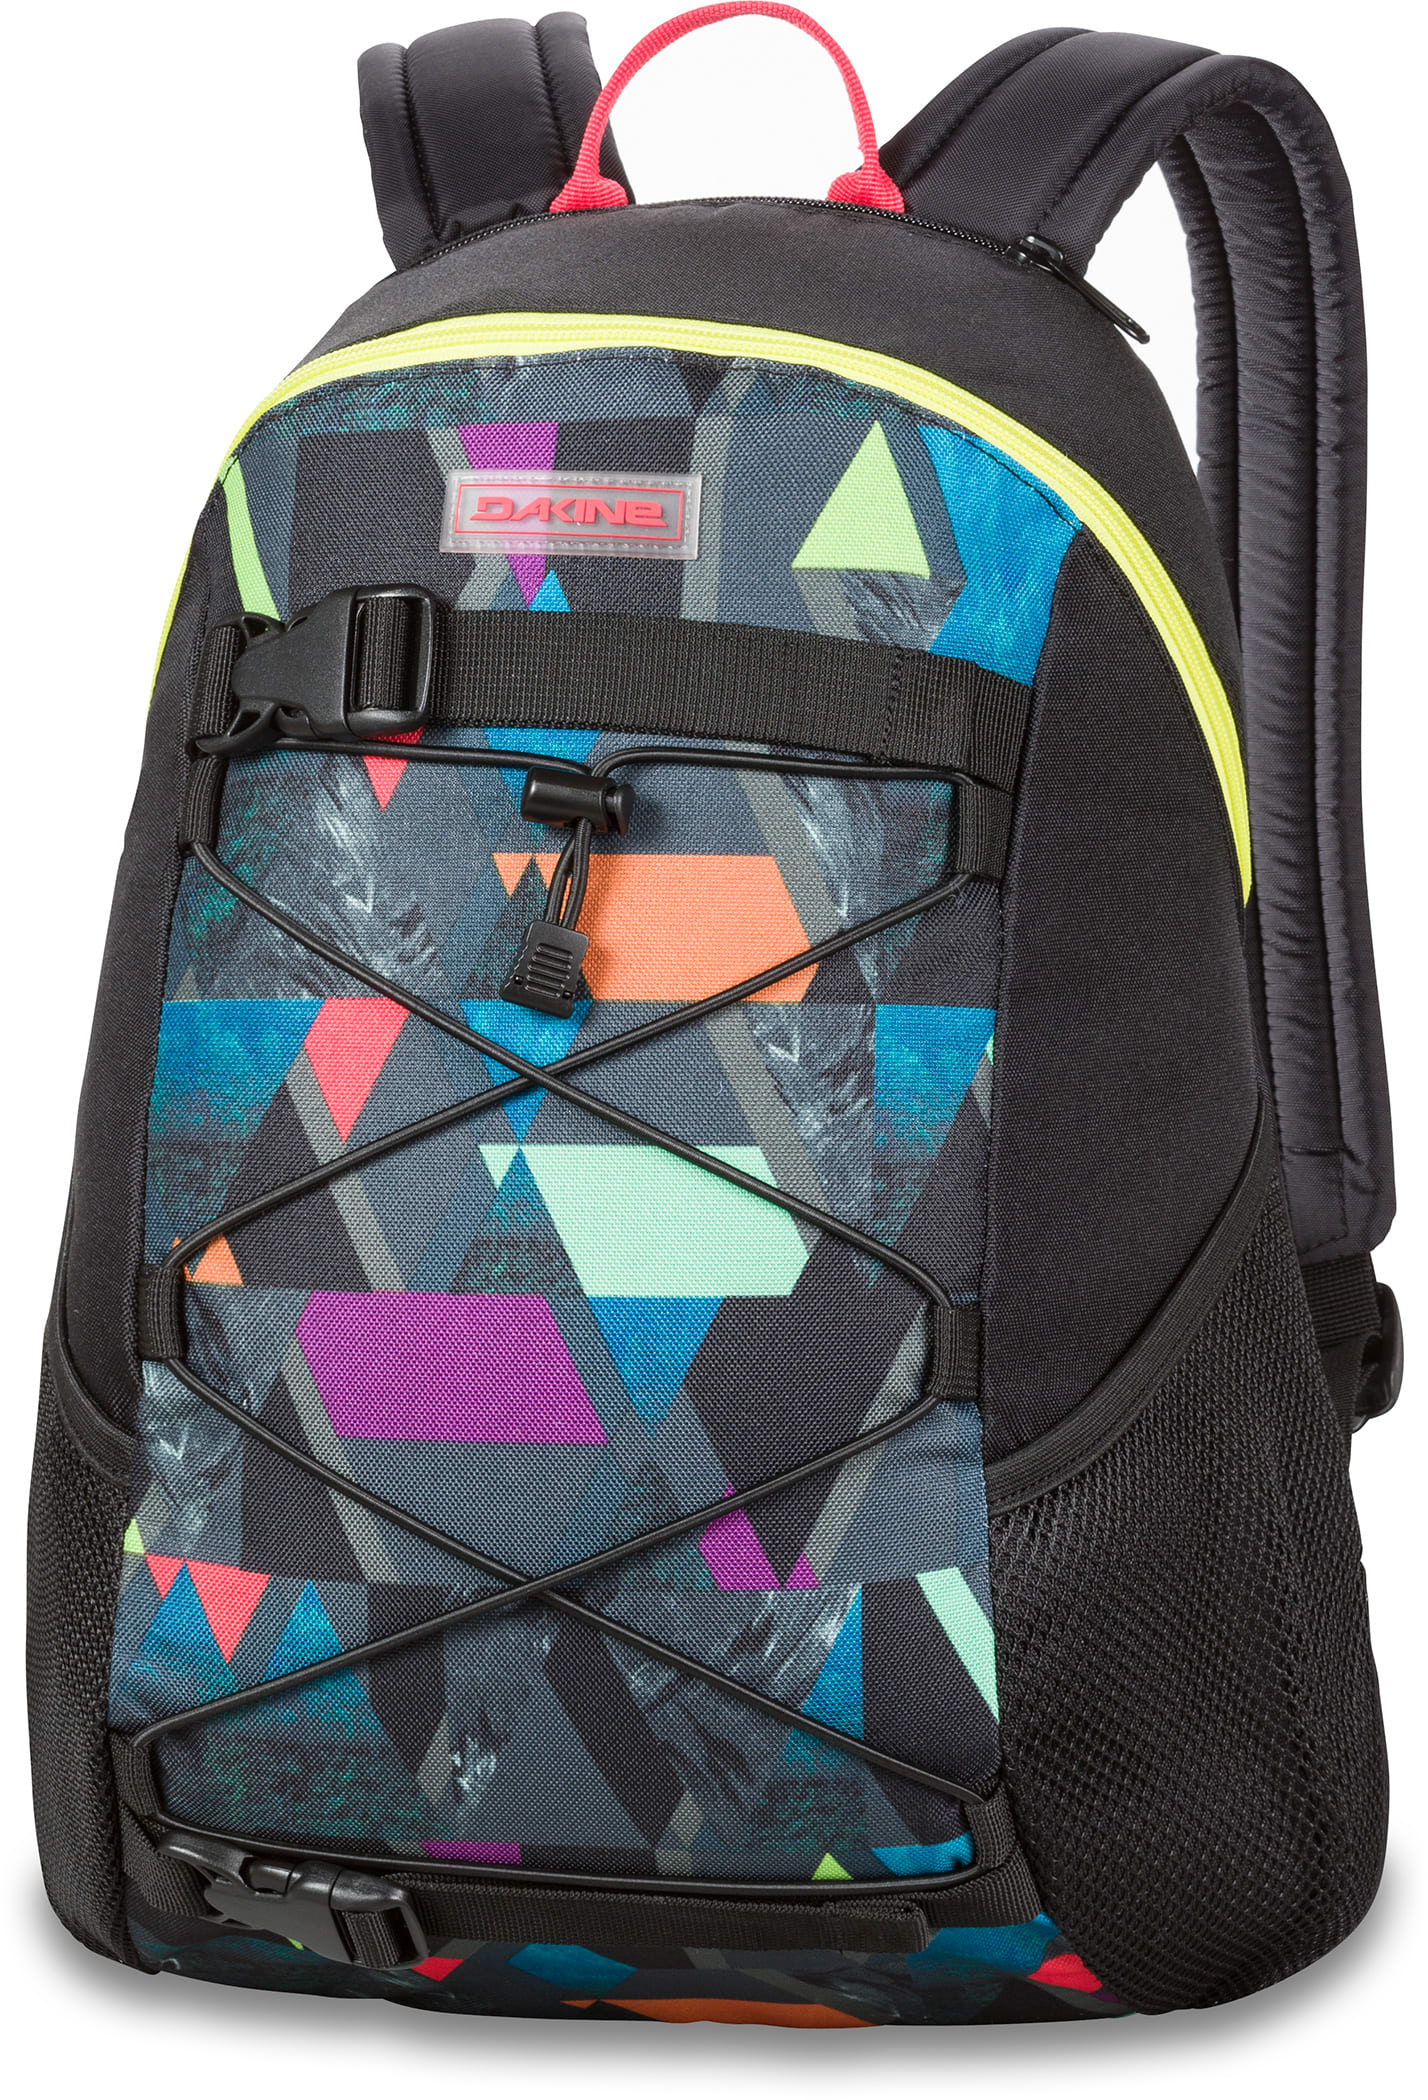 on sale dakine wonder 15l backpack womens up to 45 off. Black Bedroom Furniture Sets. Home Design Ideas